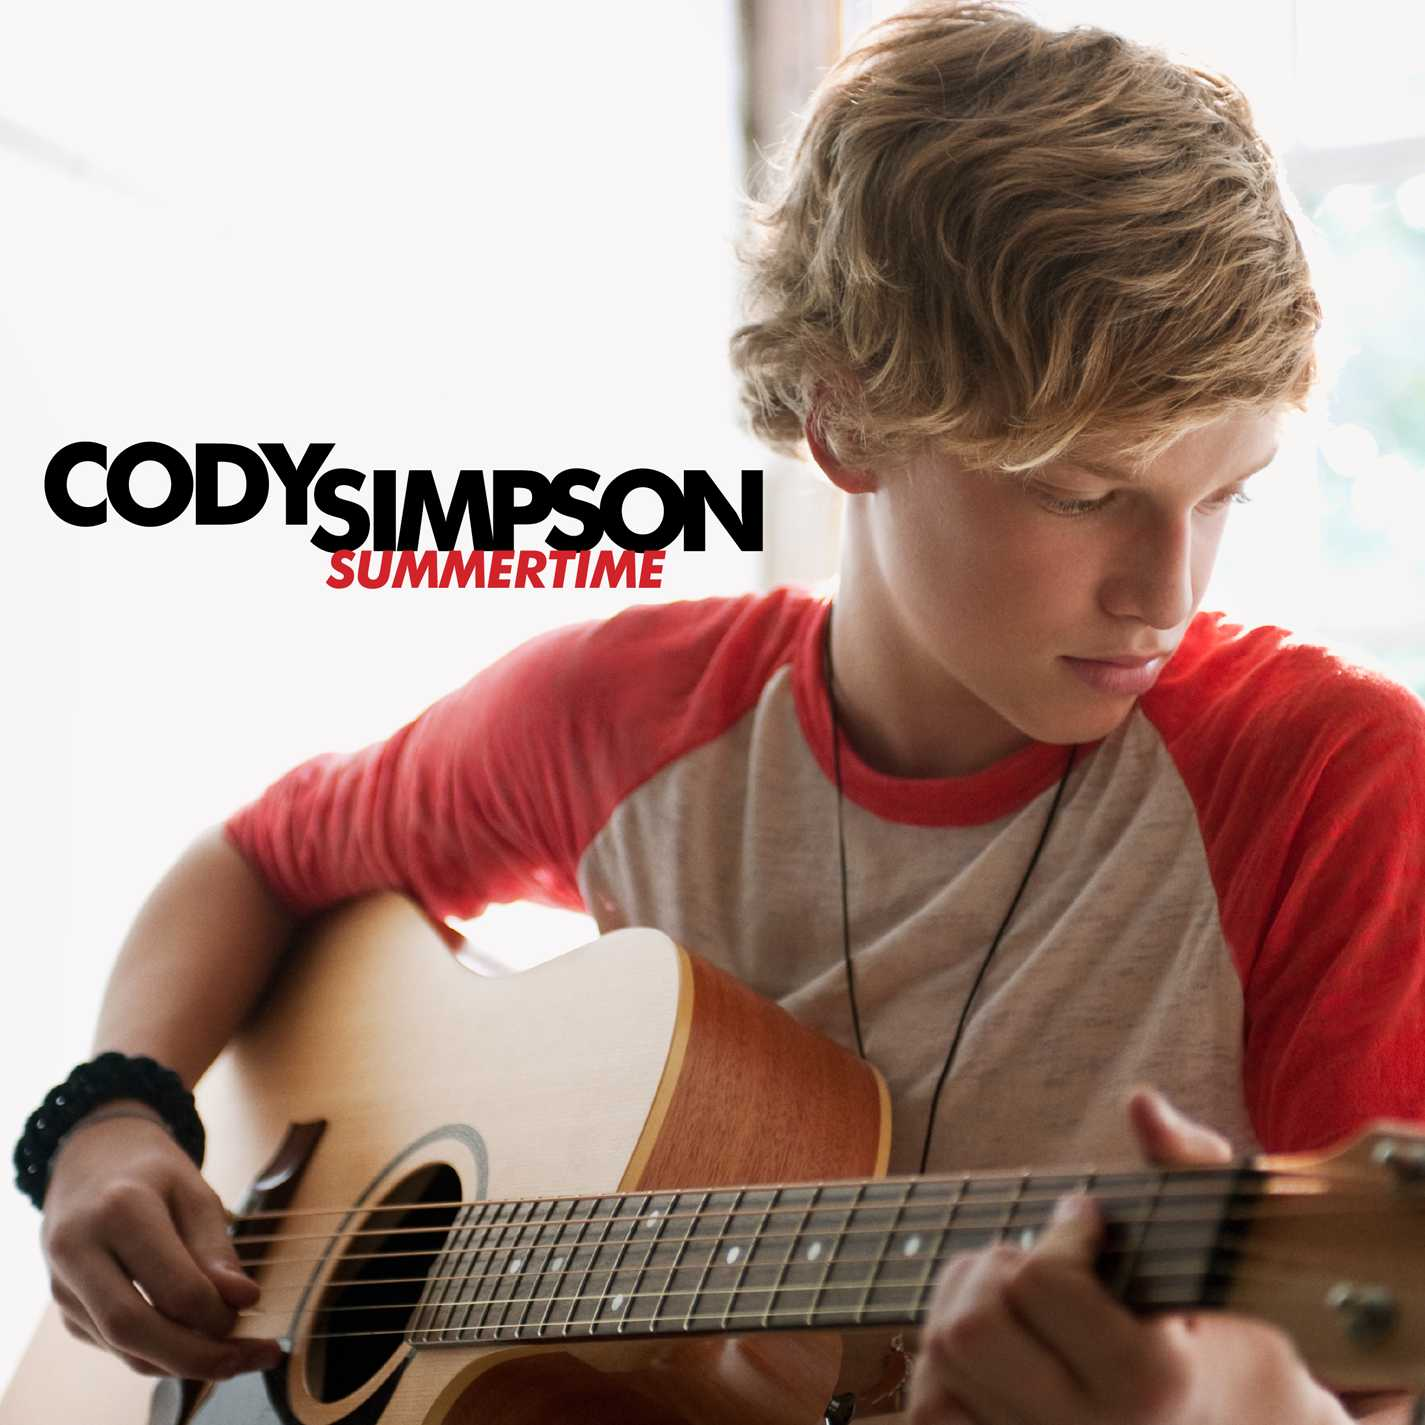 http://2.bp.blogspot.com/_wBa7Q-Vbuuc/TKB8ouRhHYI/AAAAAAAAK5I/qmheJxvBkc4/s1600/Cody%20Simpson-Summertime%20(cover%20art).jpg